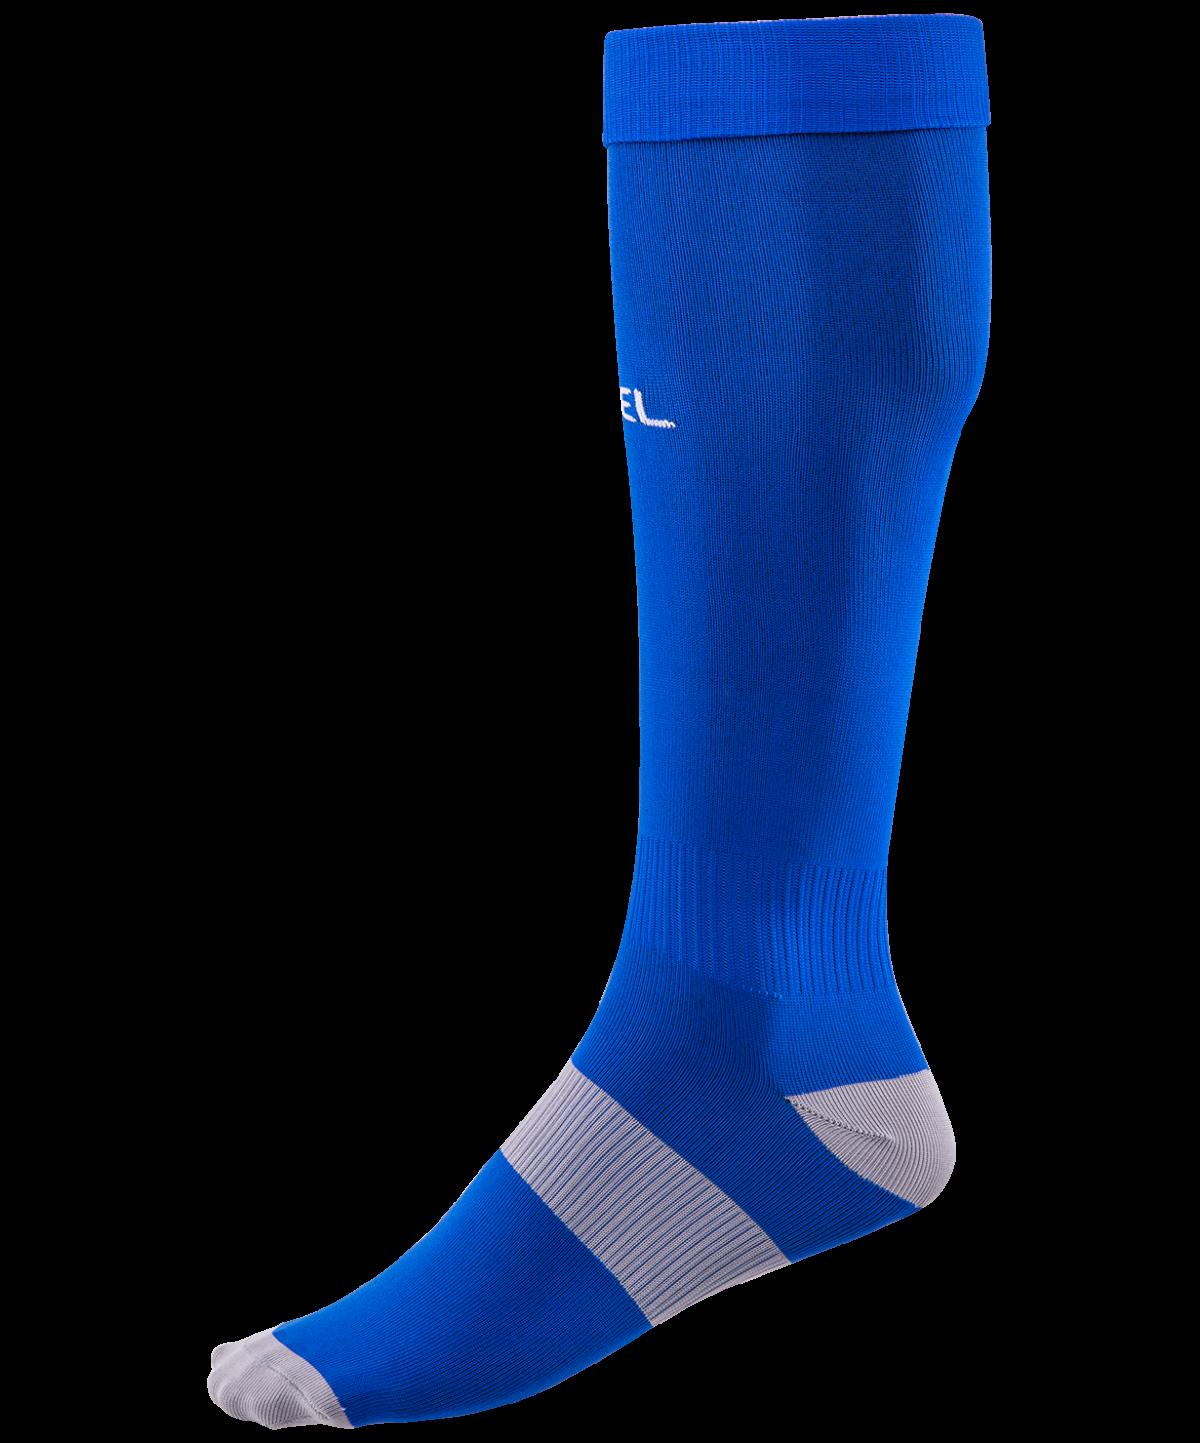 JOGEL Гетры футбольные Essentiаl, синий/серый  JA-006 - 1